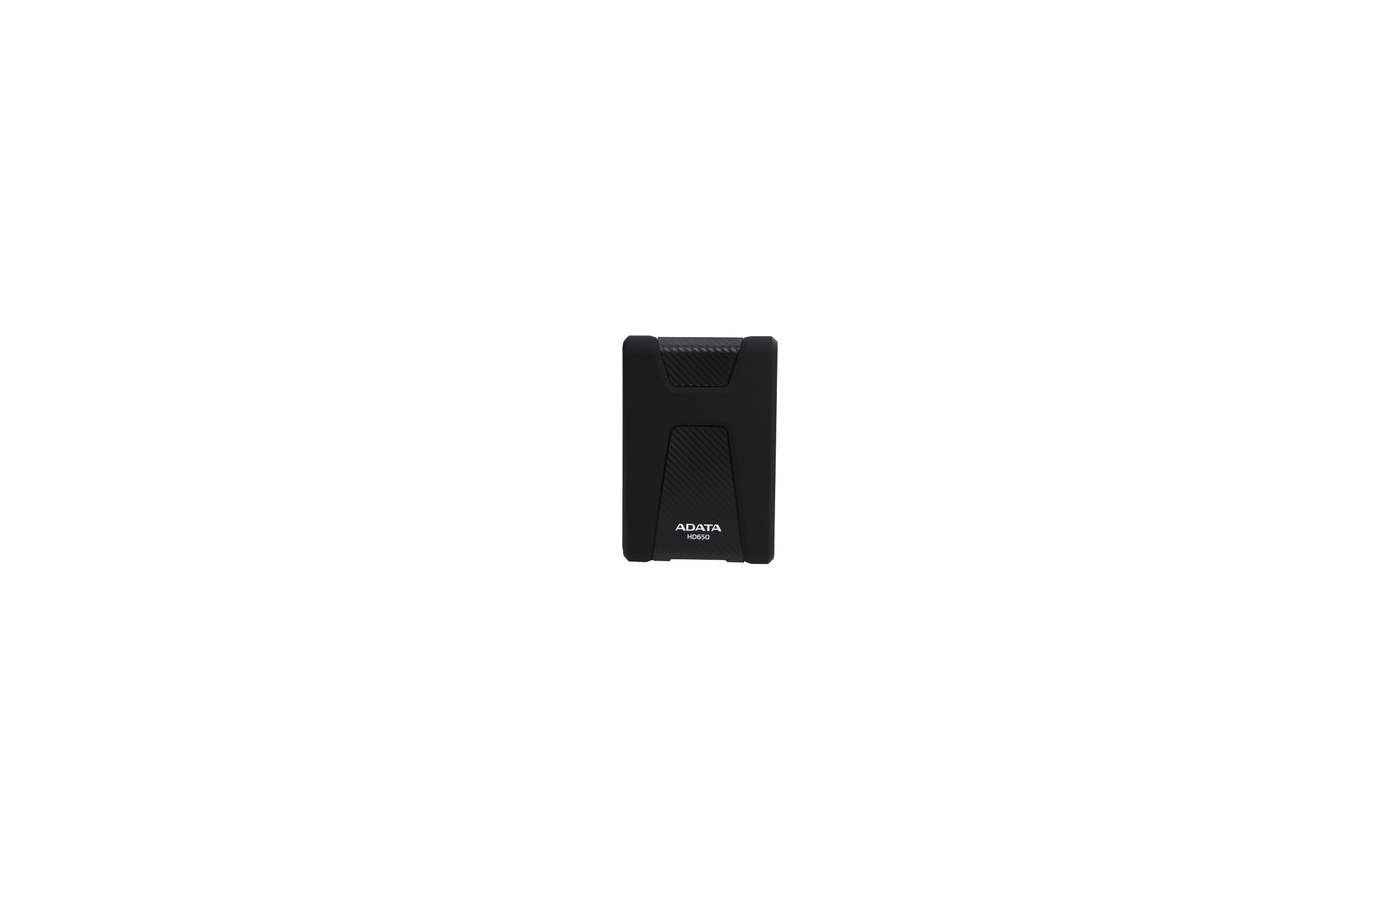 Внешний жесткий диск A-Data USB 3.0 2TB DashDrive NH13 Black